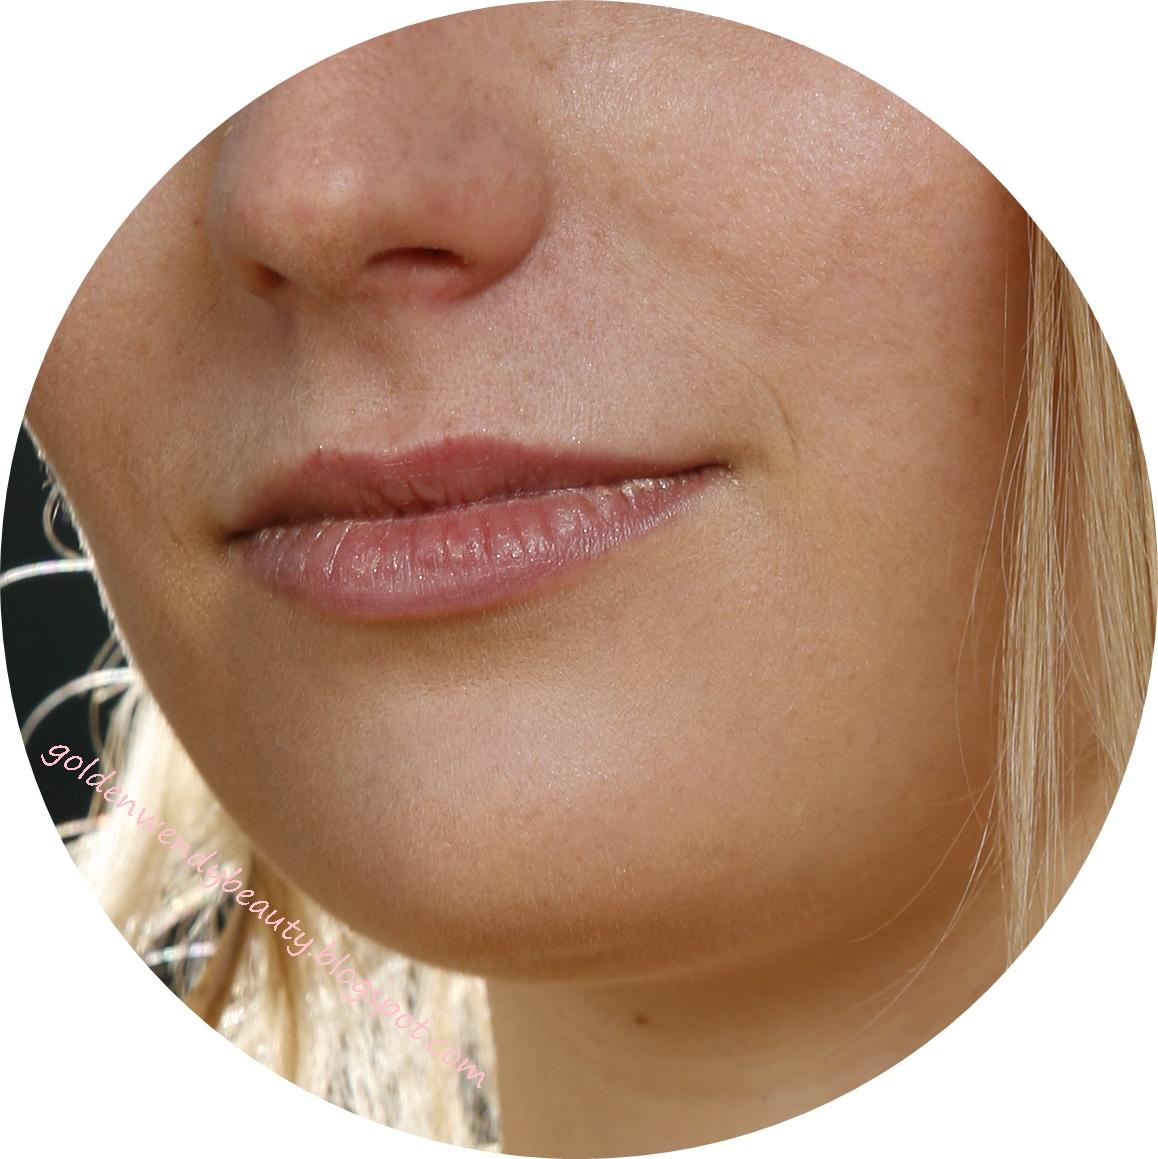 Golden Wendy - Le Blog: C'est pas de peau (2e Partie) - Le ...